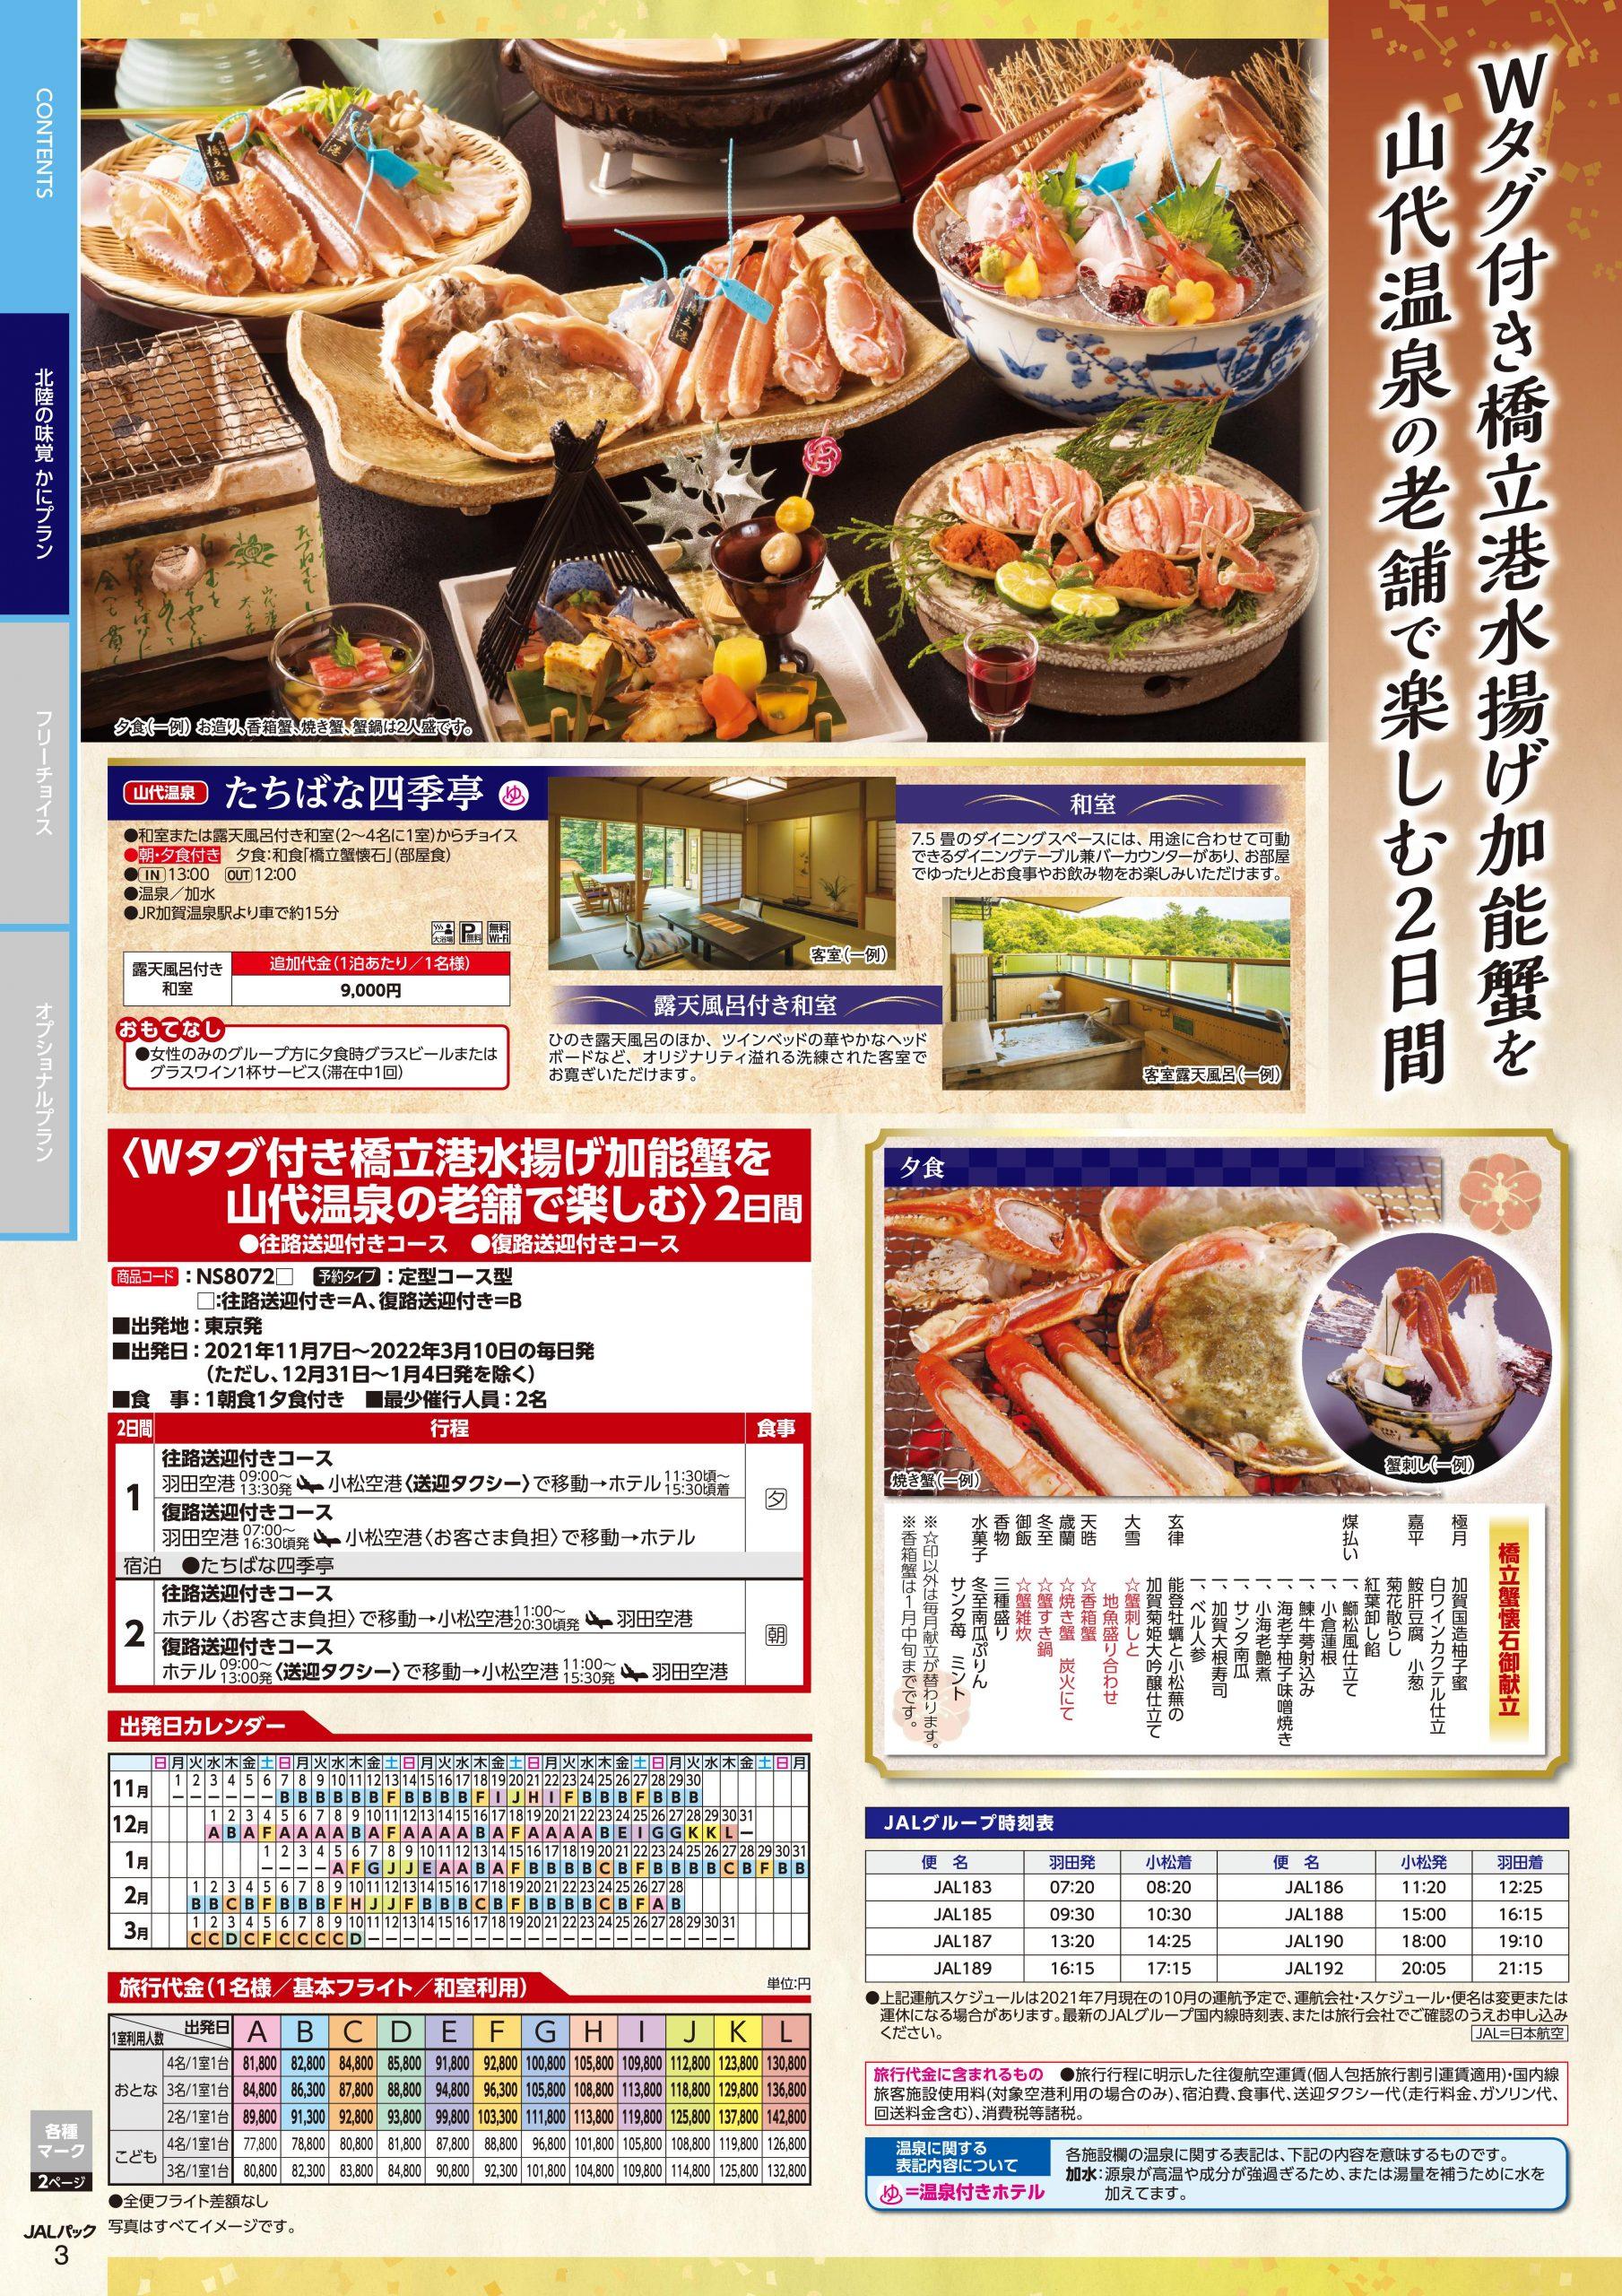 10月からのお勧めツアー②(加能蟹を楽しむ山代温泉の老舗で楽しむ1泊2日)